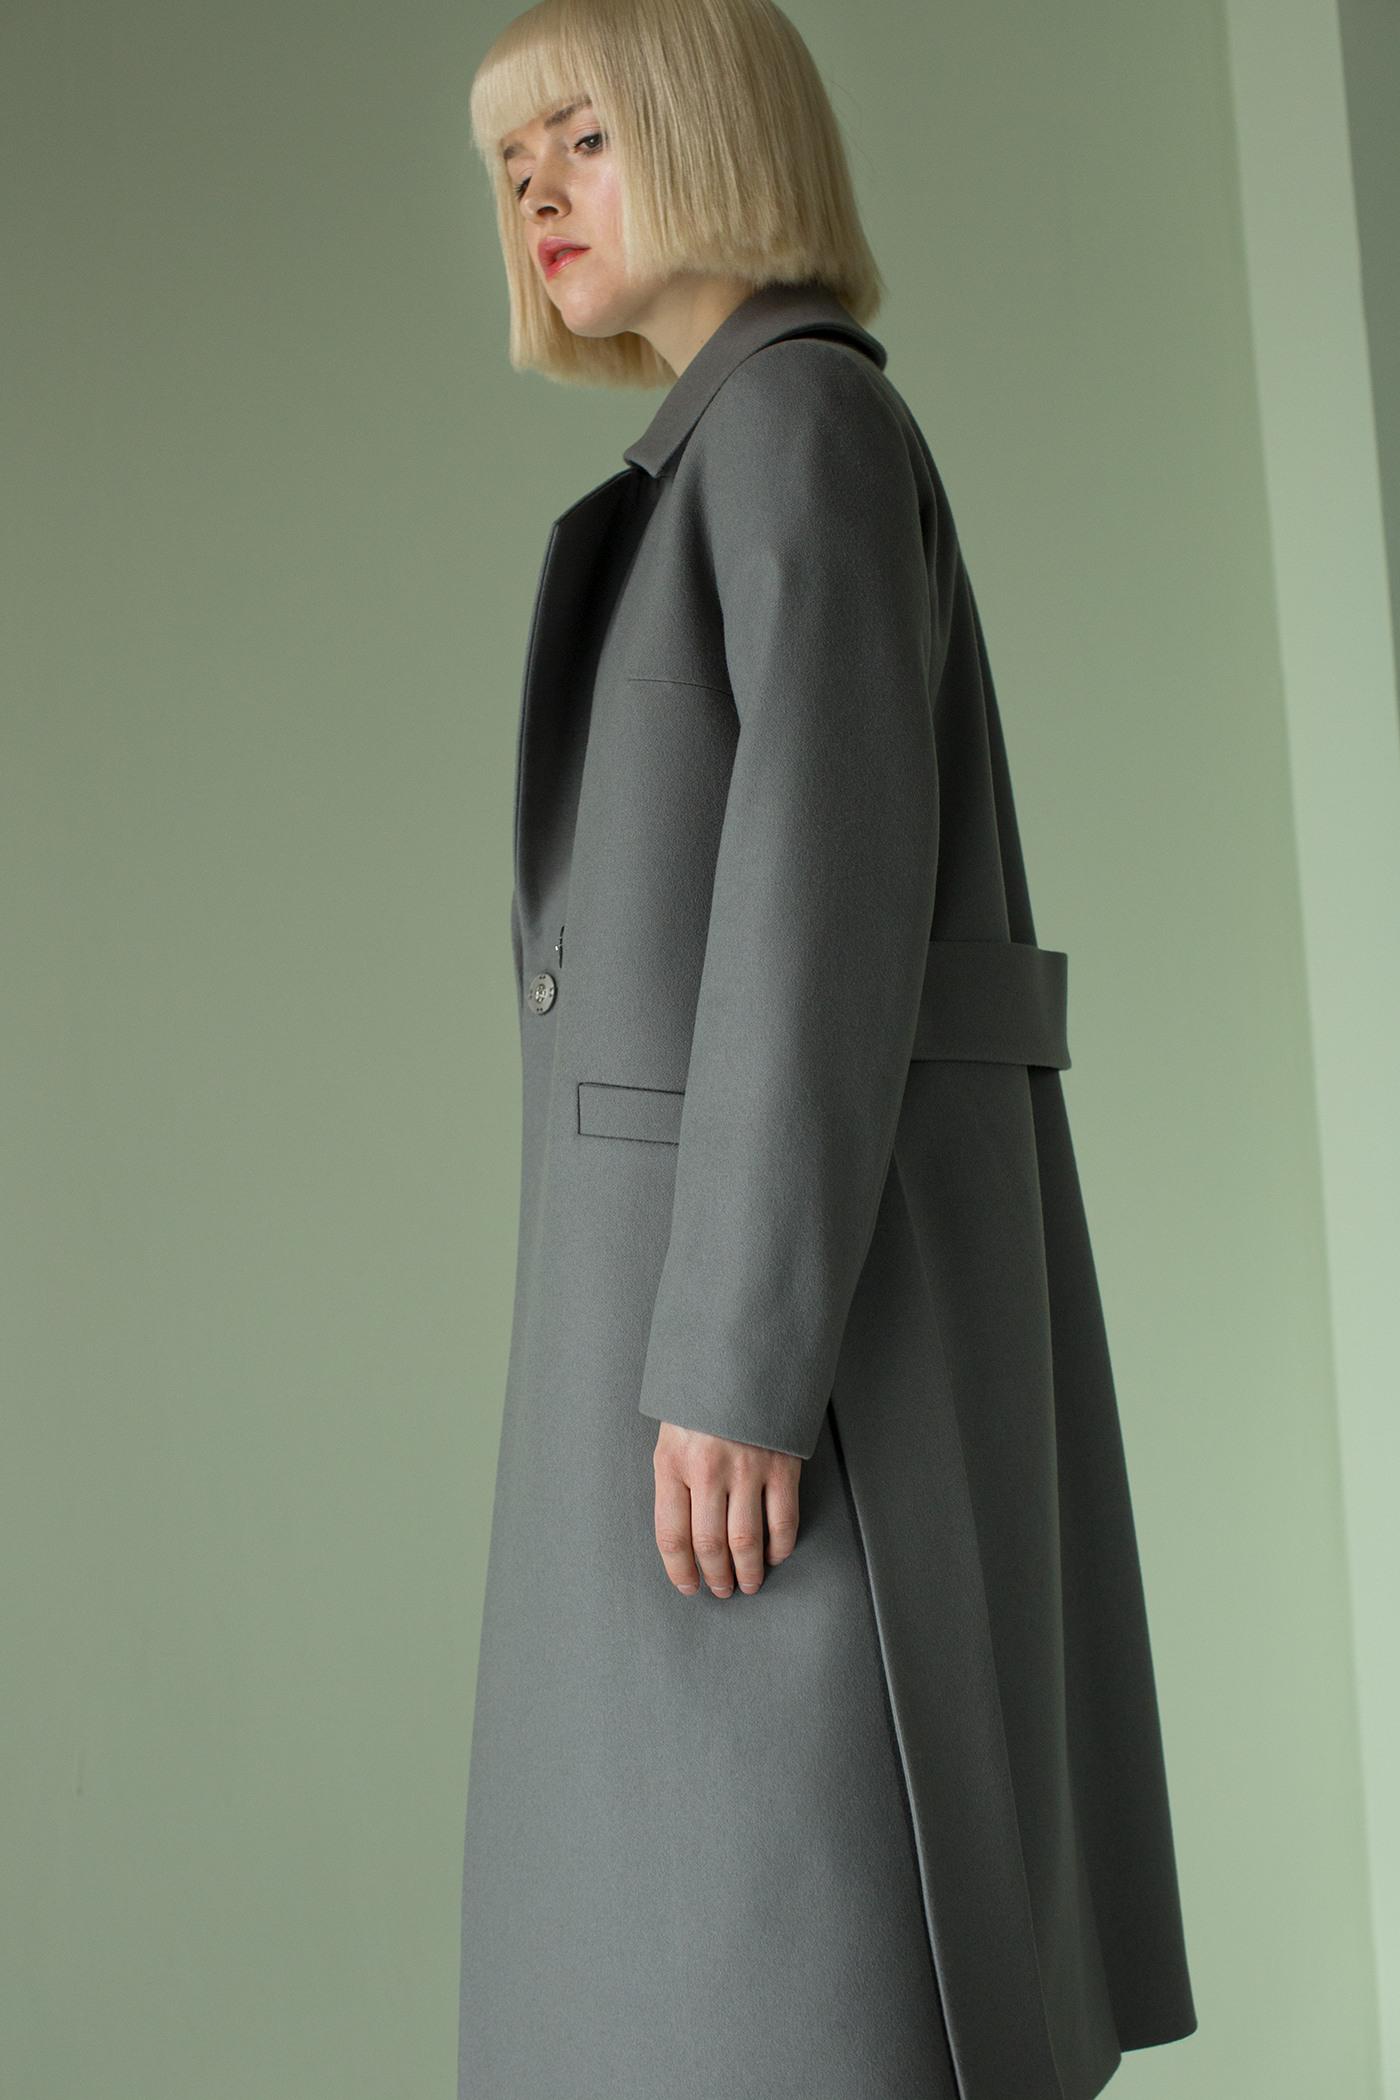 Пальто - ВЕНАПальто<br>Пальто с английским воротником&#13;<br>&#13;<br>Элегантное классическое пальто VIENNA (Вена), выполненное из шерсти, станет отличной базой для любого городского гардероба. Рекомендуемый тепловой режим: от +15 до - 8 градусов.&#13;<br>&#13;<br>&#13;<br>рекомендуемая сезонность: демисезон&#13;<br>&#13;<br>кнопки вместо пуговиц, благодаря им у вас всегда имеется возможность корректировки этой модели пальто под себя&#13;<br>&#13;<br>тканный пояс-кушак&#13;<br>&#13;<br>два прорезных кармана спереди&#13;<br>&#13;<br>прямой крой с плотной посадкой на фигуре&#13;<br>&#13;<br>длина размера S при росте 164-170 см- 105 см&#13;<br>&#13;<br>модель имеет 3 ростовки: 158-164 см, 164-170 см, 170-176 см. Размер и другие нюансы уточняются при заказе, мы с вами связываемся по указанному вами номеру телефона&#13;<br>&#13;<br>&#13;<br>Если у вас остались вопросы, пишите нам на электронную почту AM@ASYAMALBERSHTEIN.COM или звоните по номеру +7 (812) 649-17-99, мы постараемся ответить на ваши вопросы и помочь определиться вам с выбором или размерной сеткой наших изделий.<br><br>Цвет: Серый<br>Размер: XS, S, M, L<br>Ростовка: 158 -164, 164 -170, 170 -176